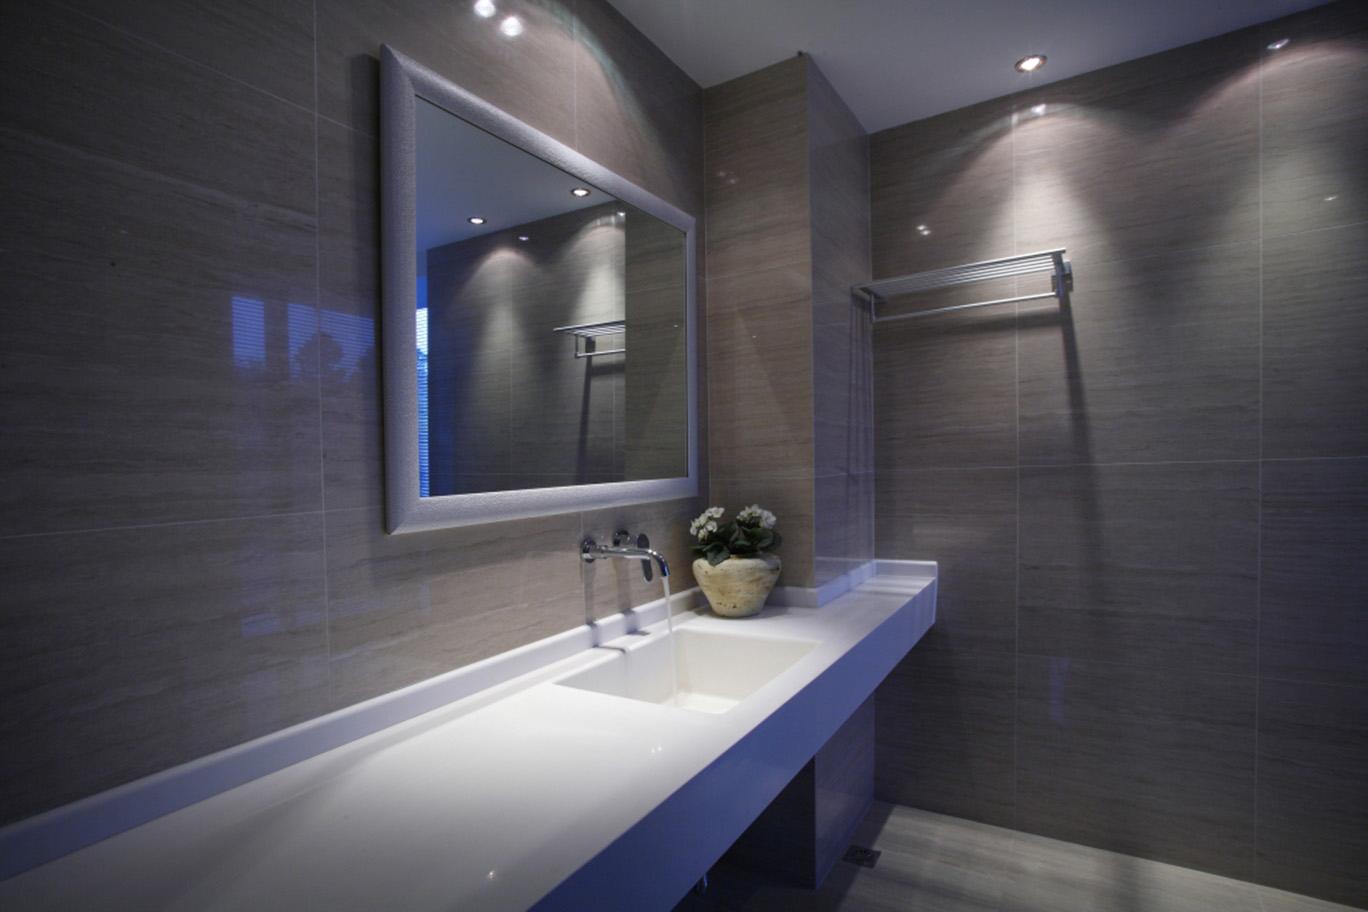 卫生间作为浴室应该具备良好的通风、采光和取暖的设备。卫生间的照明可采用整体与局部混合的方式。卫生间的设备应该与空间关系很好的协调,不合理或是看起来不舒适的地方要进行局部调整改善。